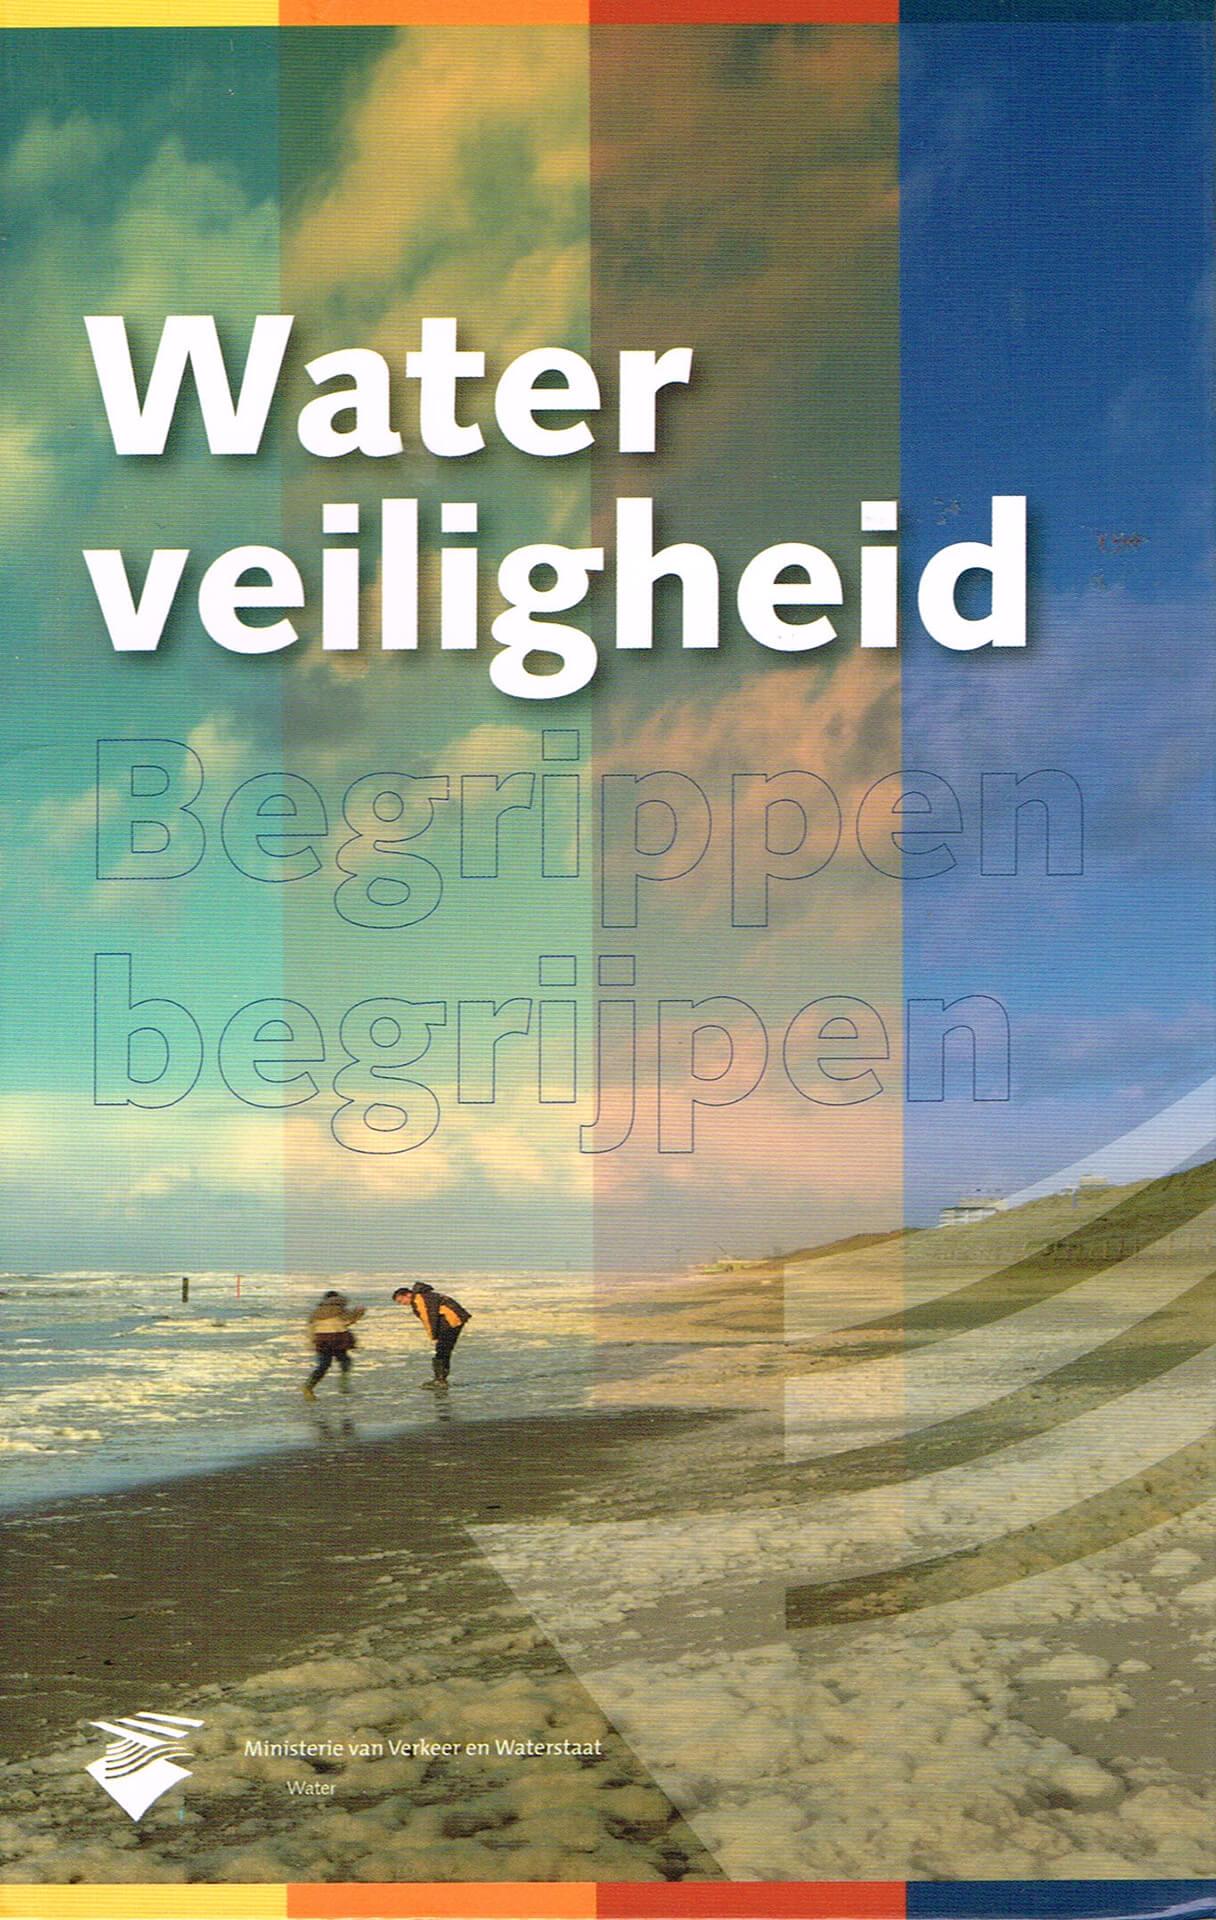 2008 waterveiligheid, begrippen begrijpen